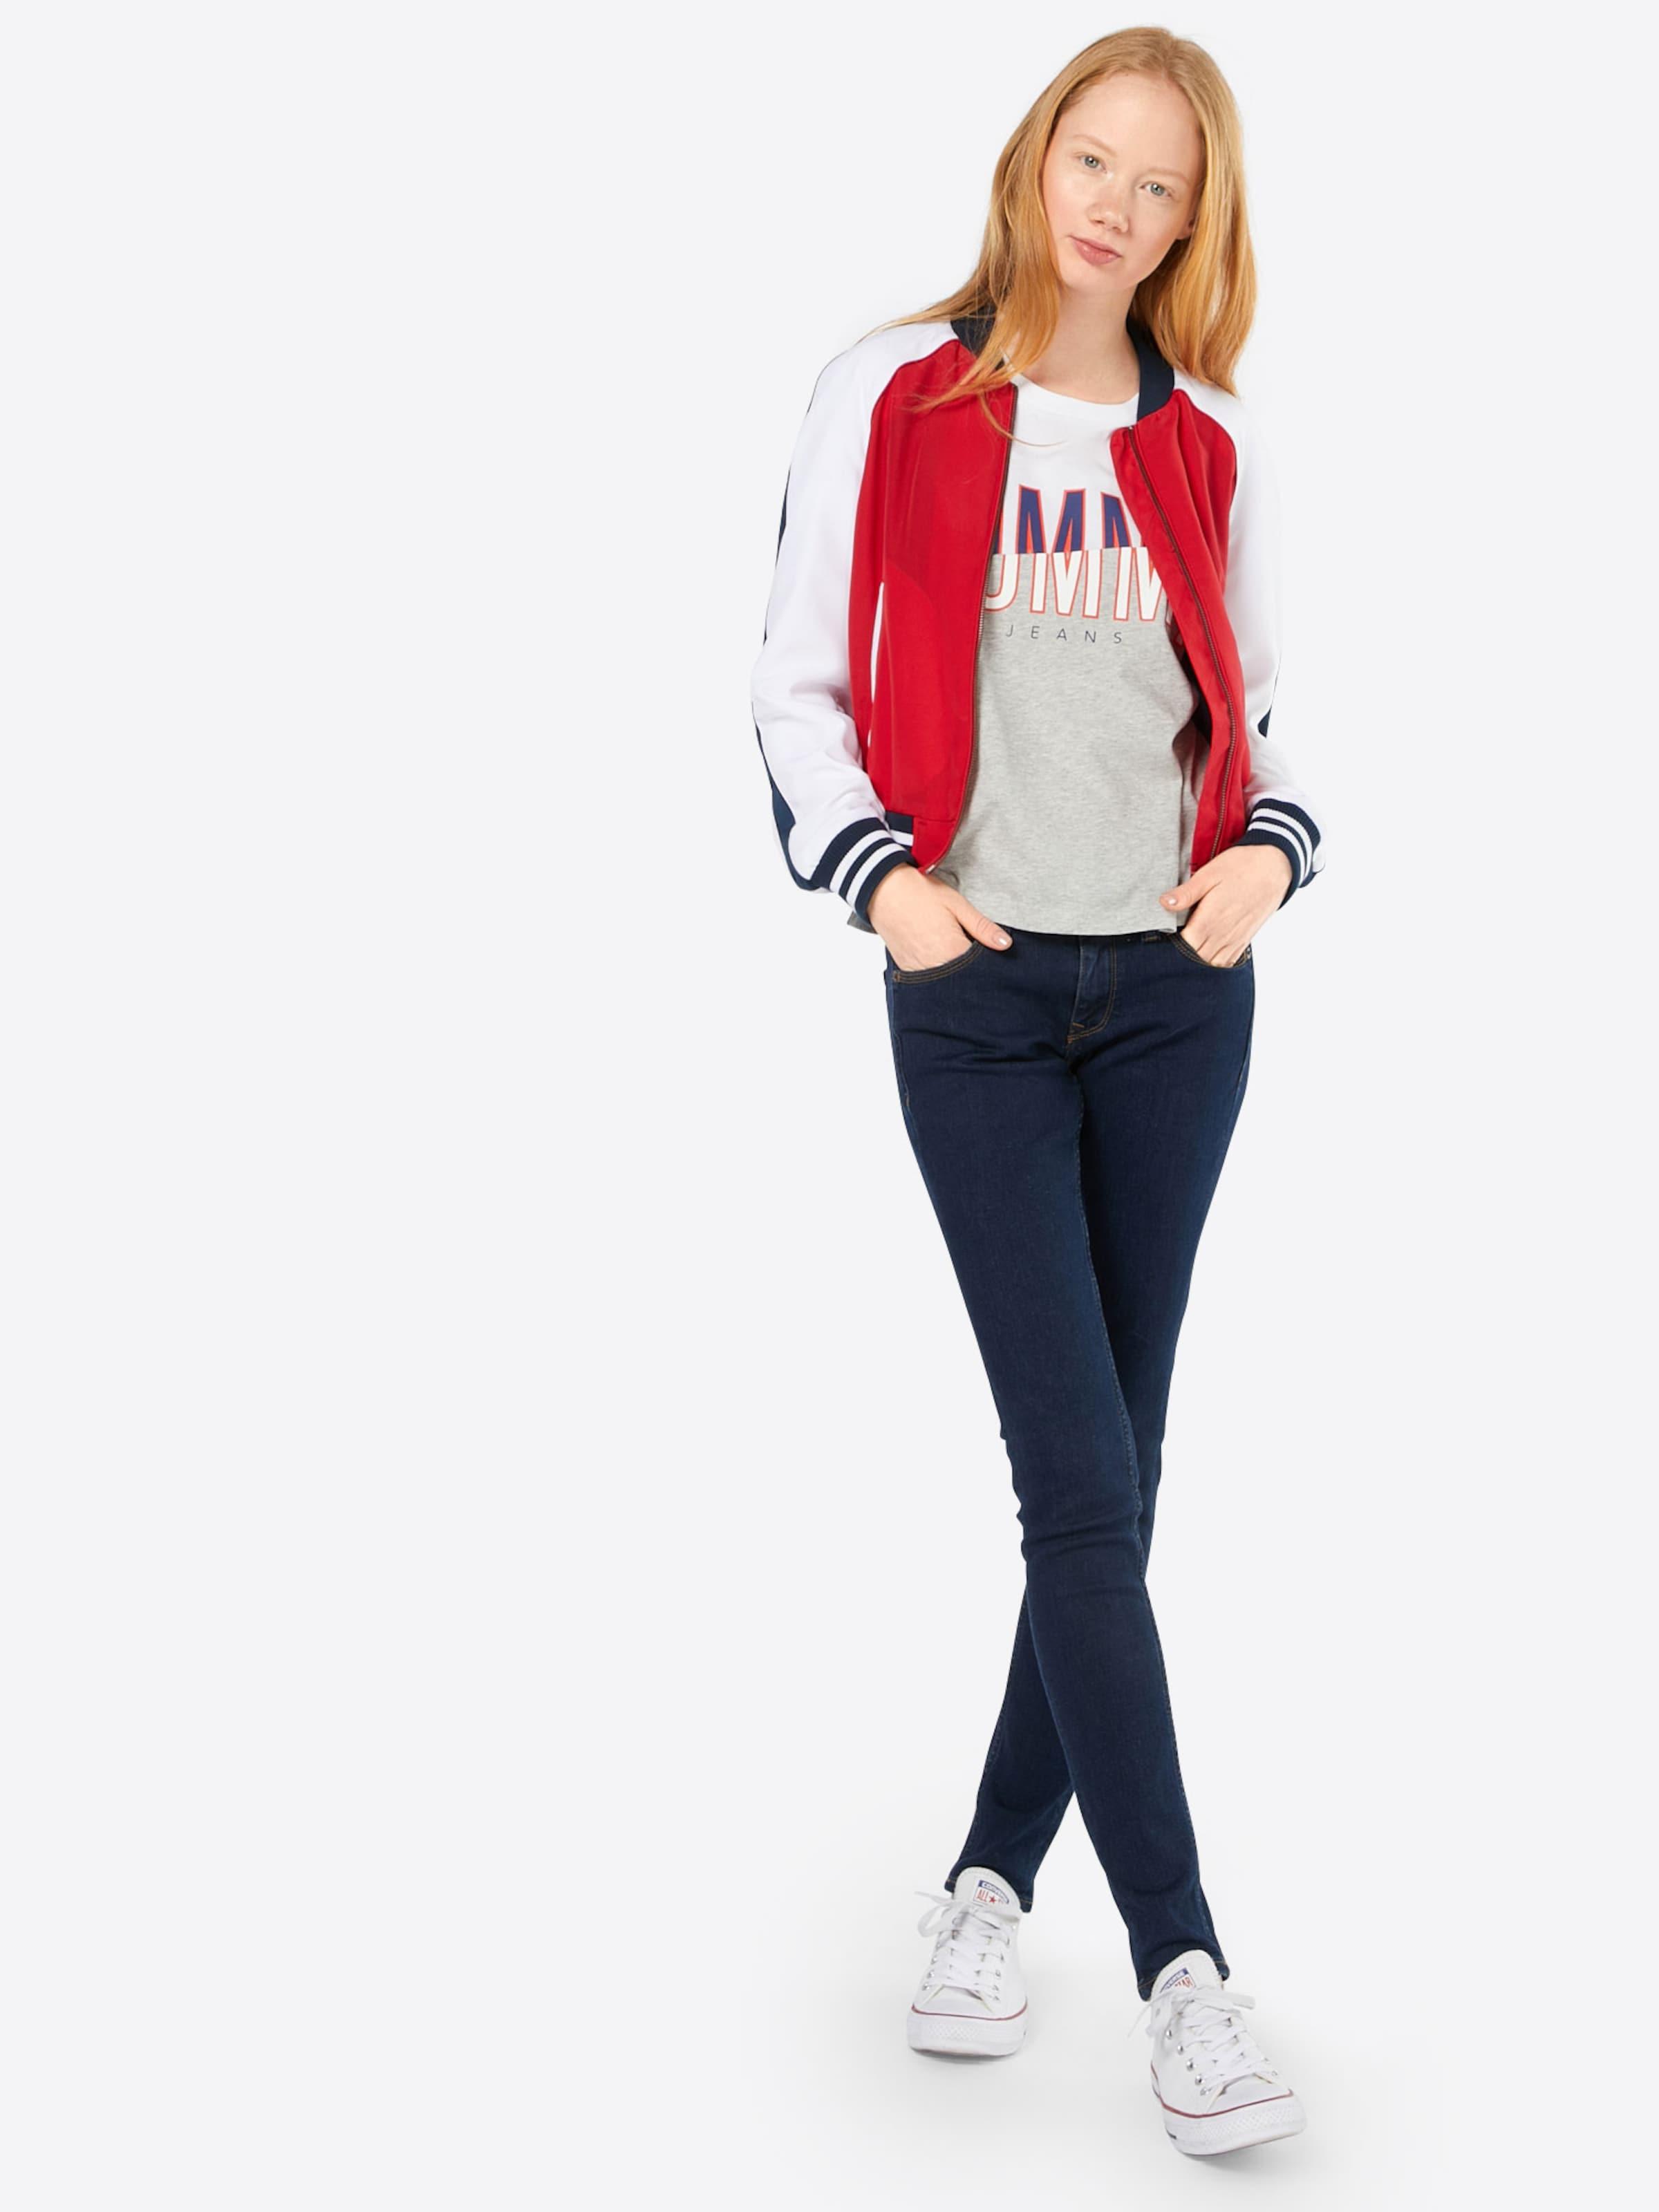 Erkunden Verkauf Online Tommy Jeans Shirt mit Logoprint Billig Bester Verkauf Billig Verkauf Nicekicks JG5Uh1W